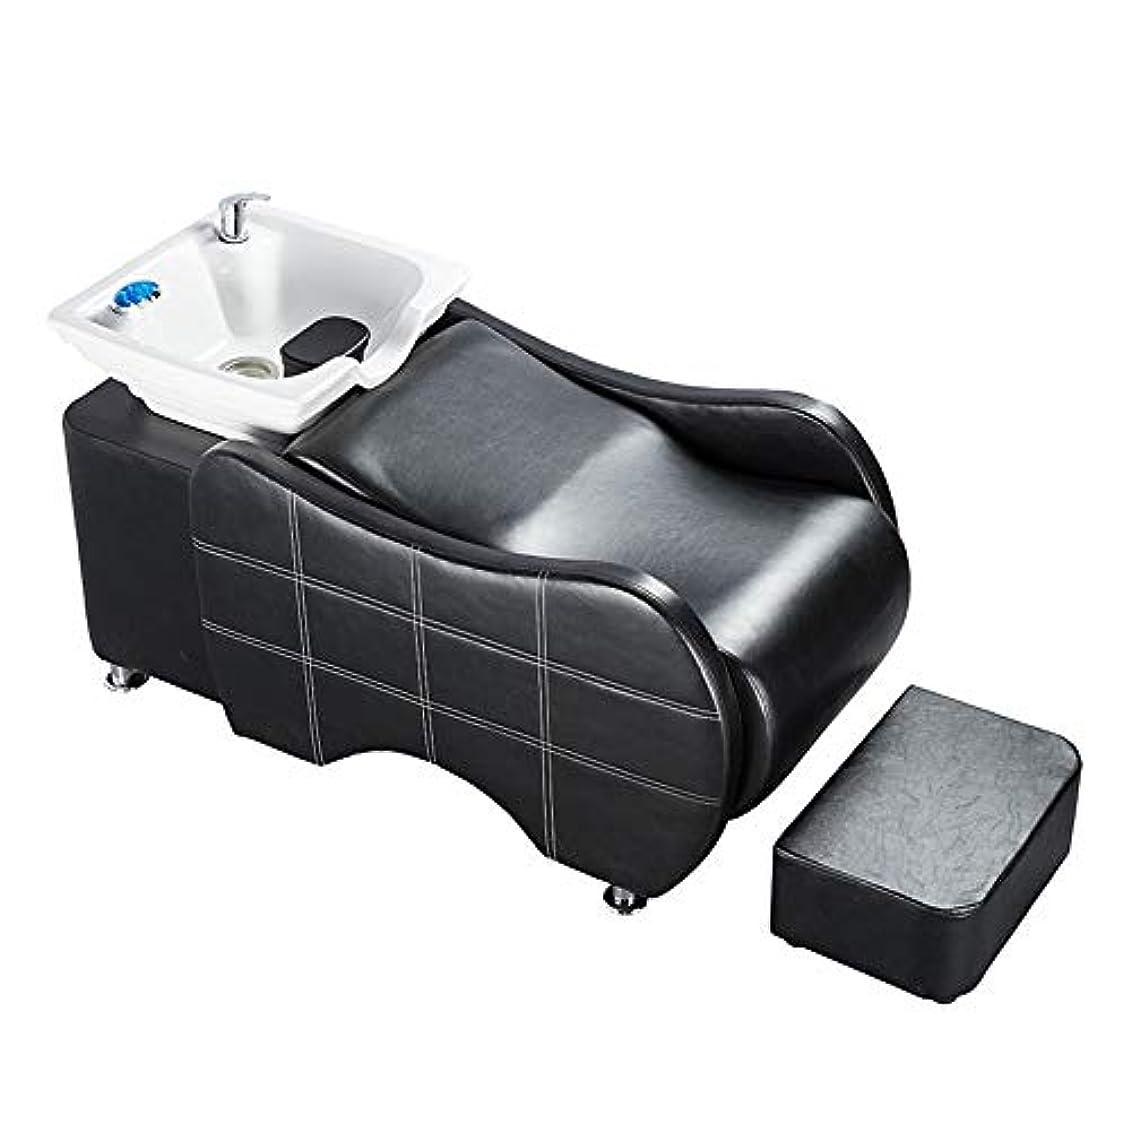 体系的に食べるタイトシャンプーの理髪師の逆洗の椅子、鉱泉の美容院のための陶磁器の洗面器の逆洗の単位のシャンプーボールの流しの椅子(黒)